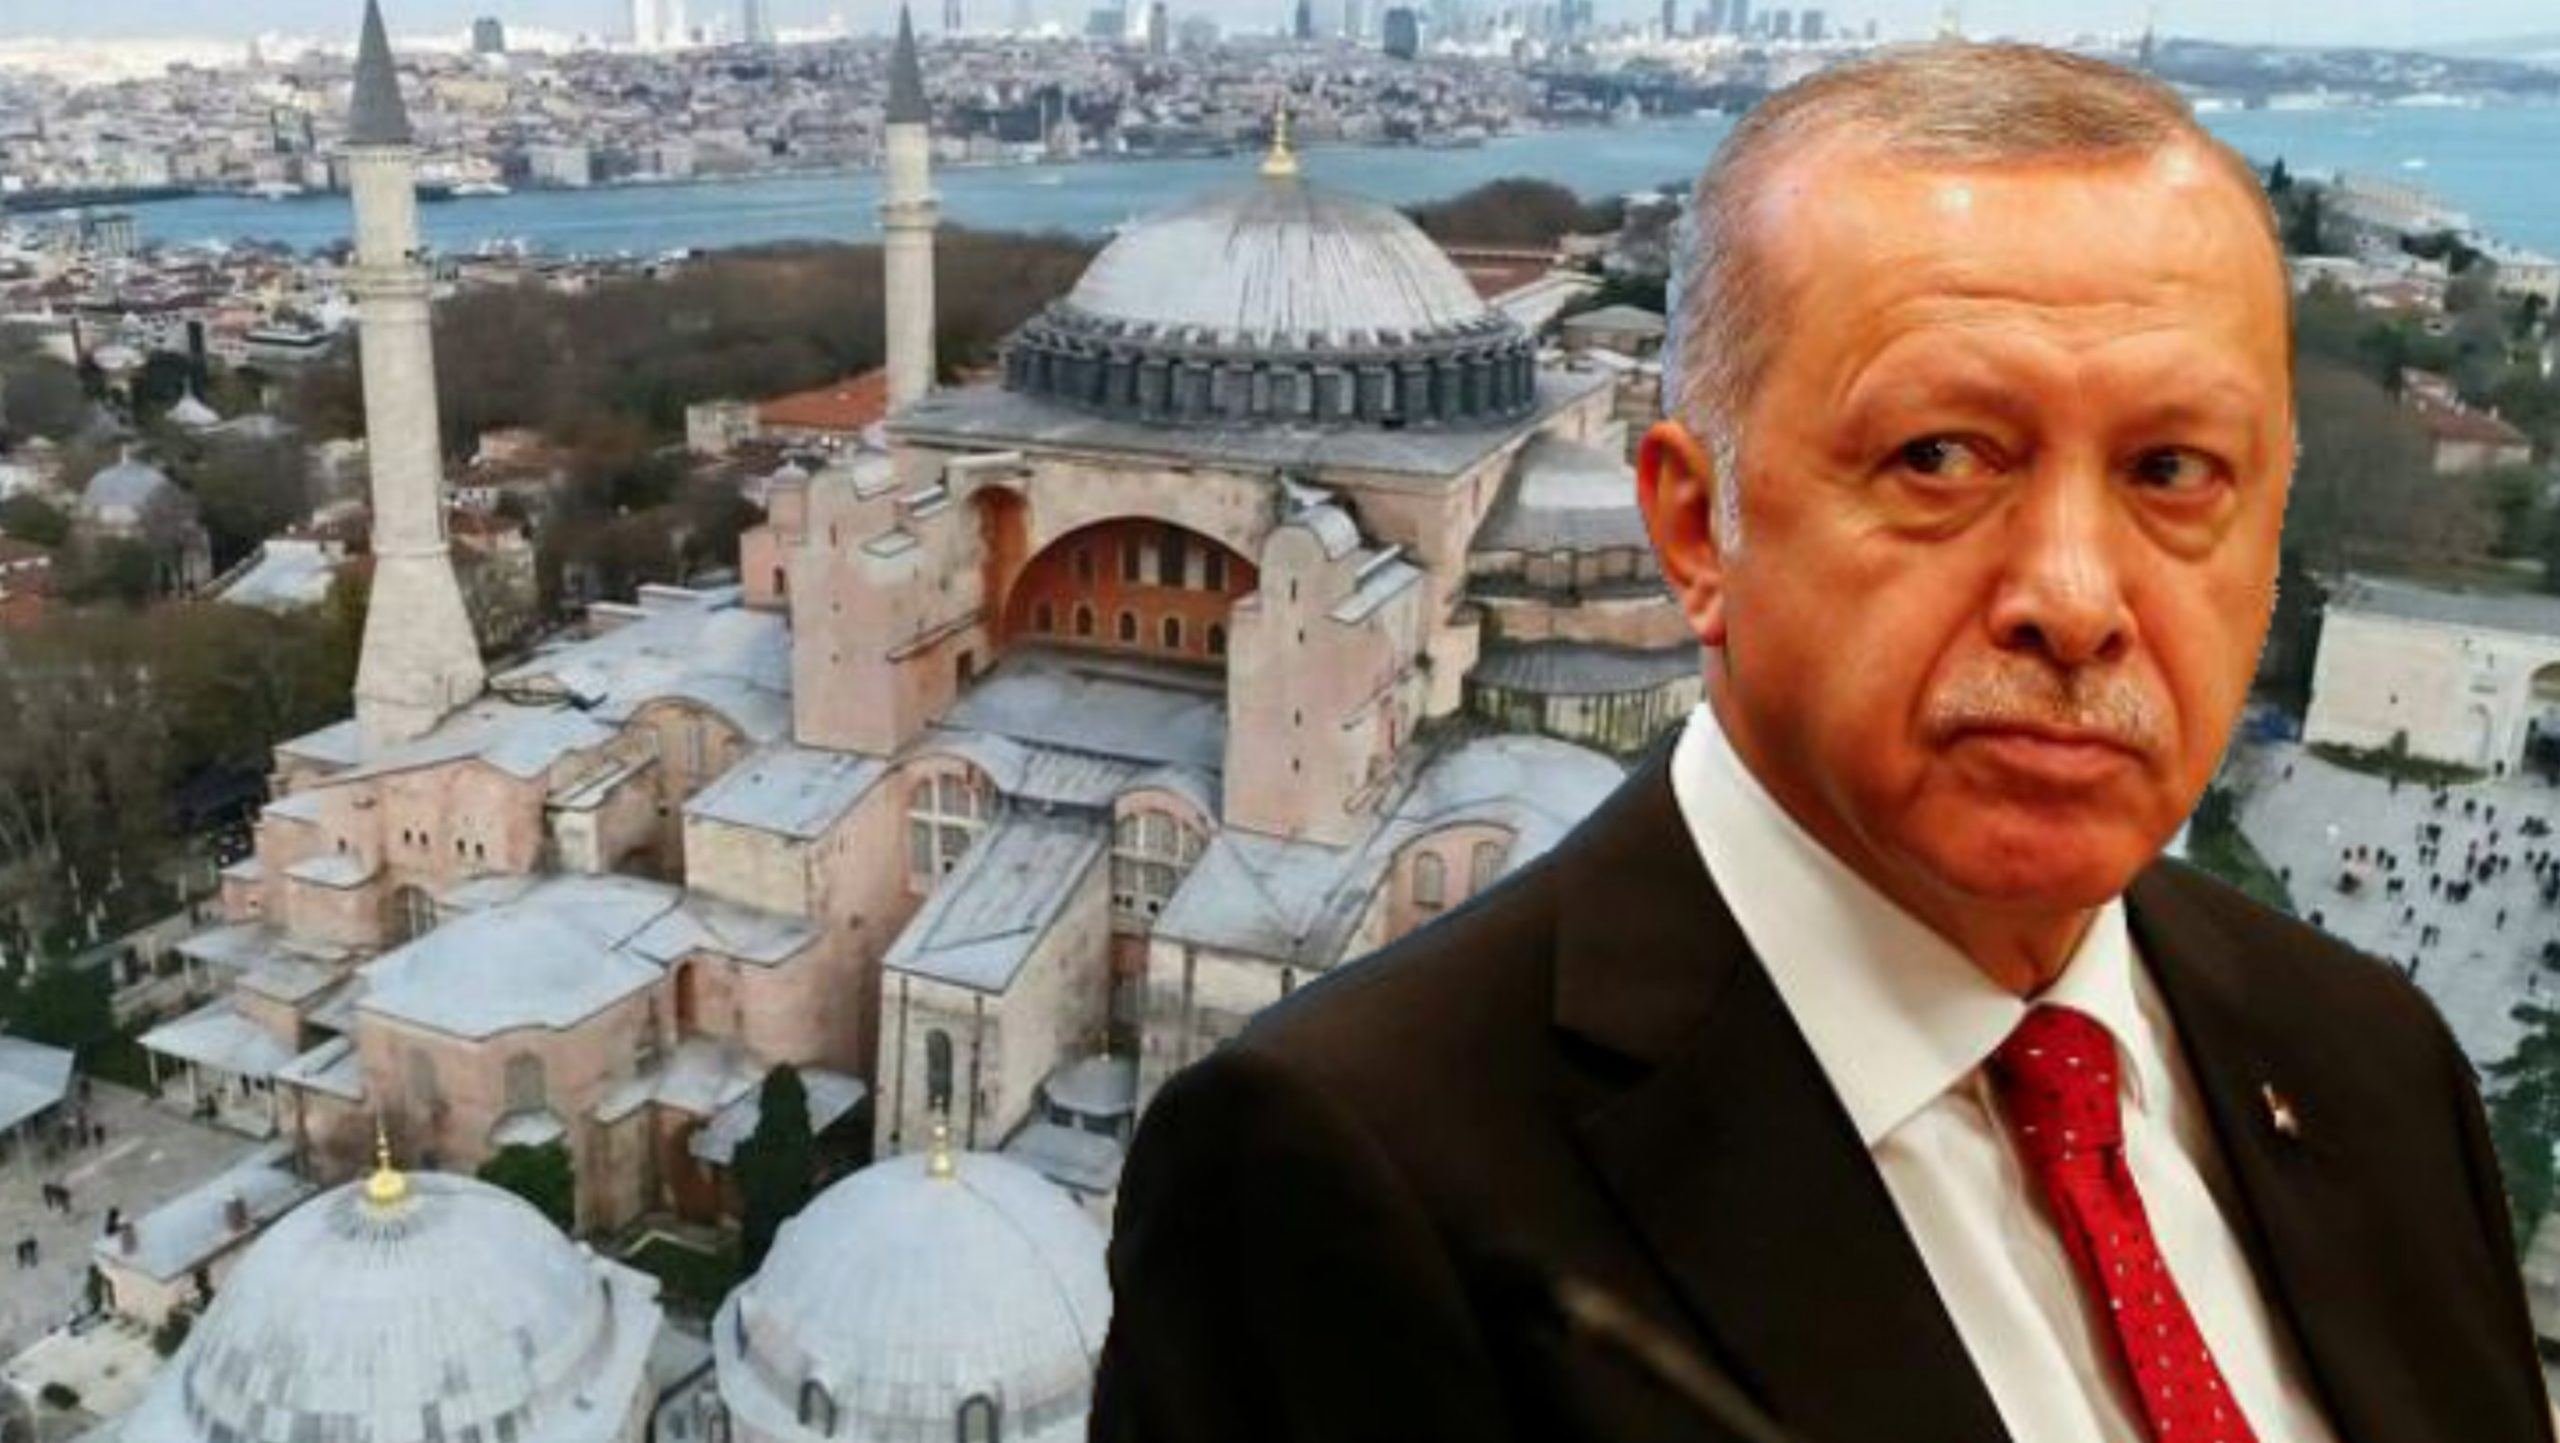 Αγία Σοφία στην Τουρκία: «Είναι σαν να έχει μετατραπεί σε τζαμί ο Άγιος Πέτρος »